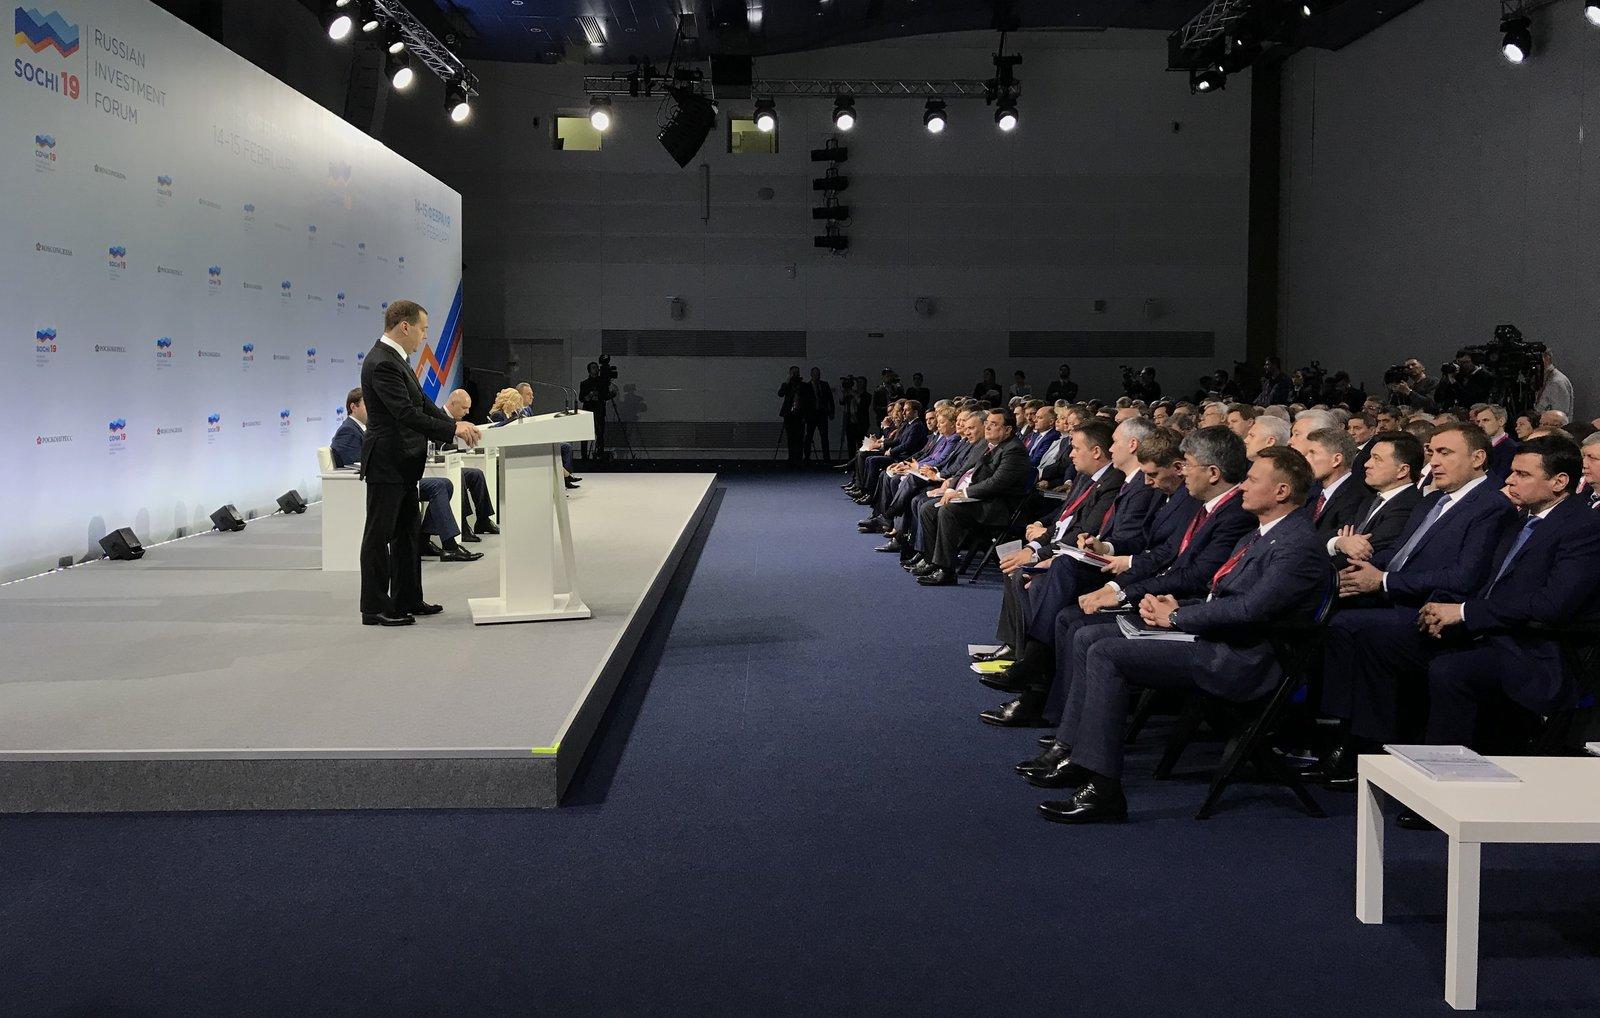 Андрей Воробьев губернатор московской области - Инвестиции в будущее региона: второй день форума «Сочи-2019»